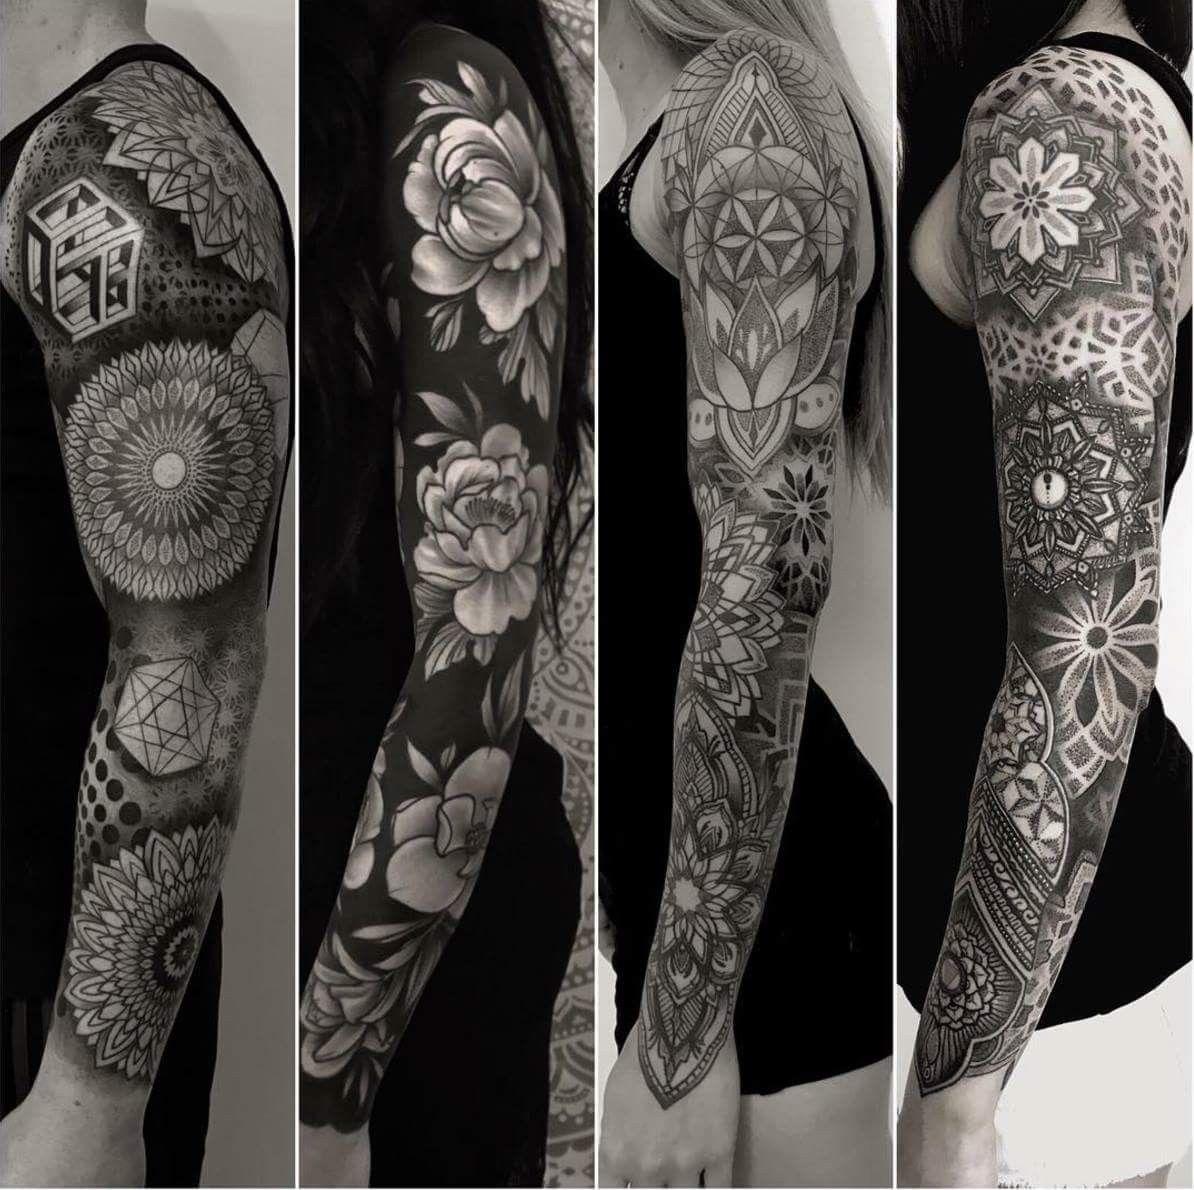 83b602bef Nice sleeves by Sean Hall #inkoftheday #sleeve #tattoosleeve #geometric  #flowers #blackwork #tattoo #tattoodotcom